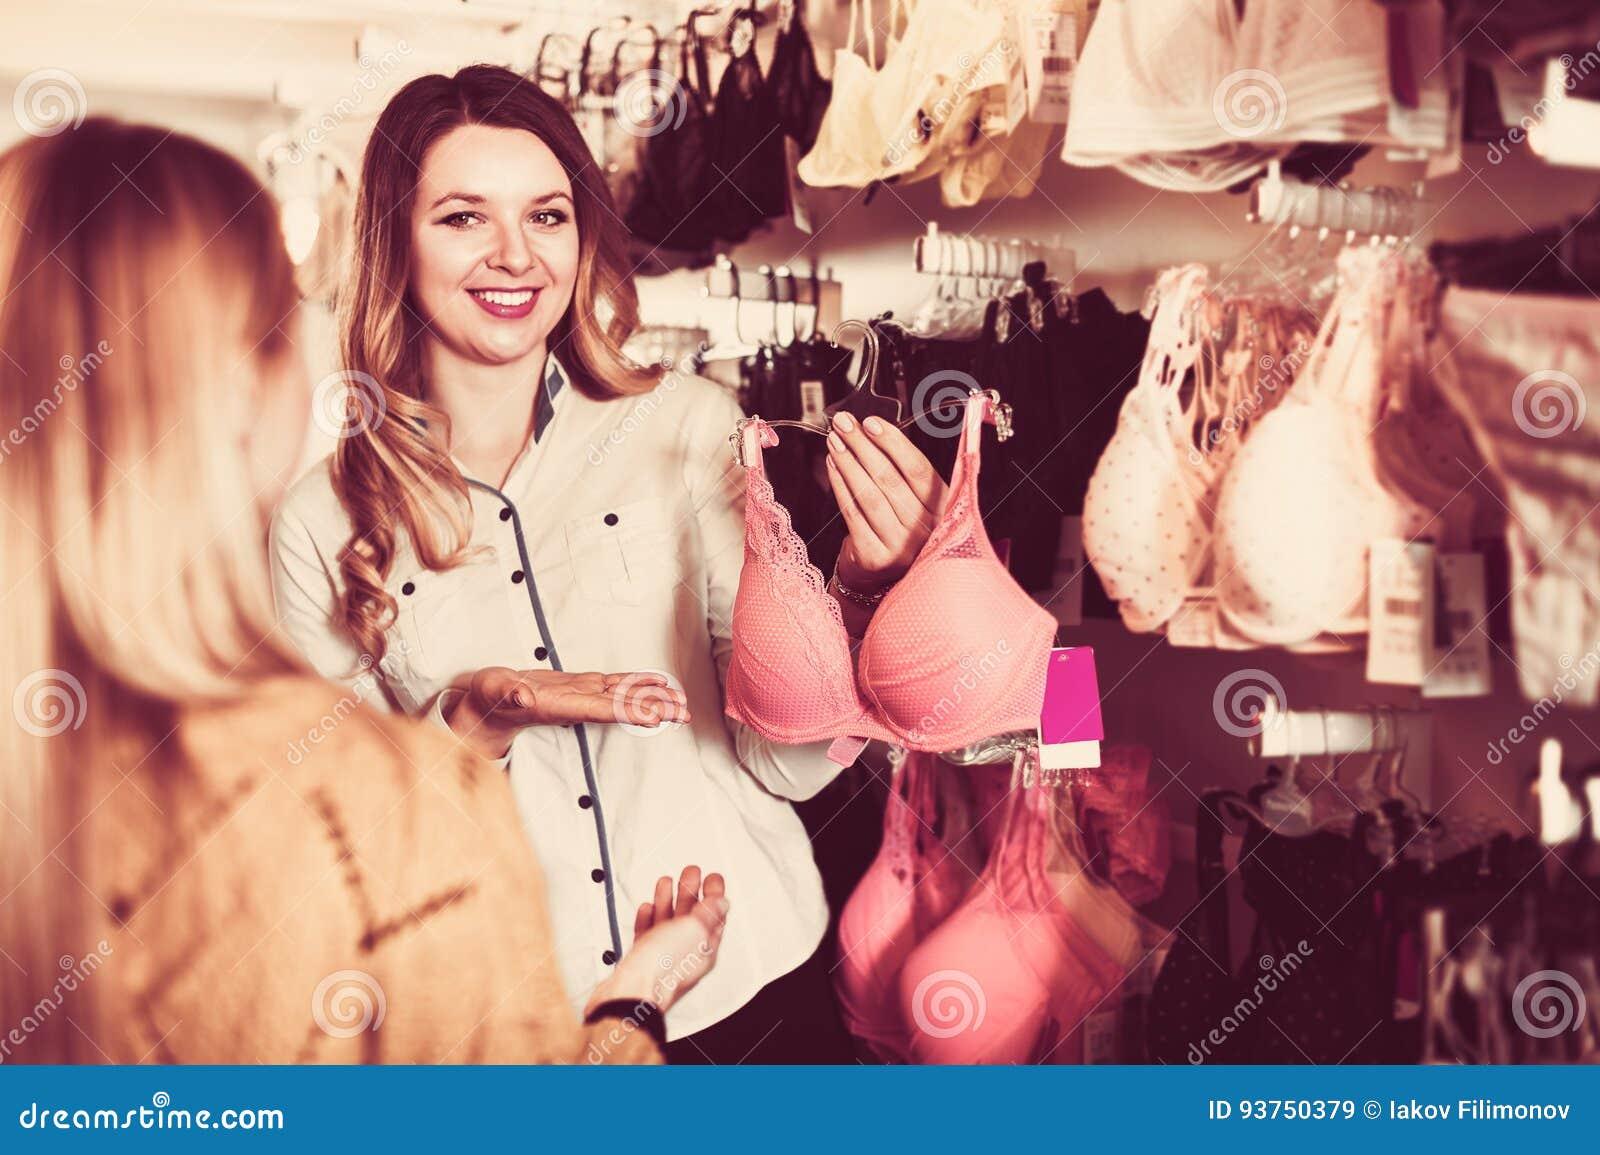 Продавец в магазин женского белья вакуумные упаковщики пленка